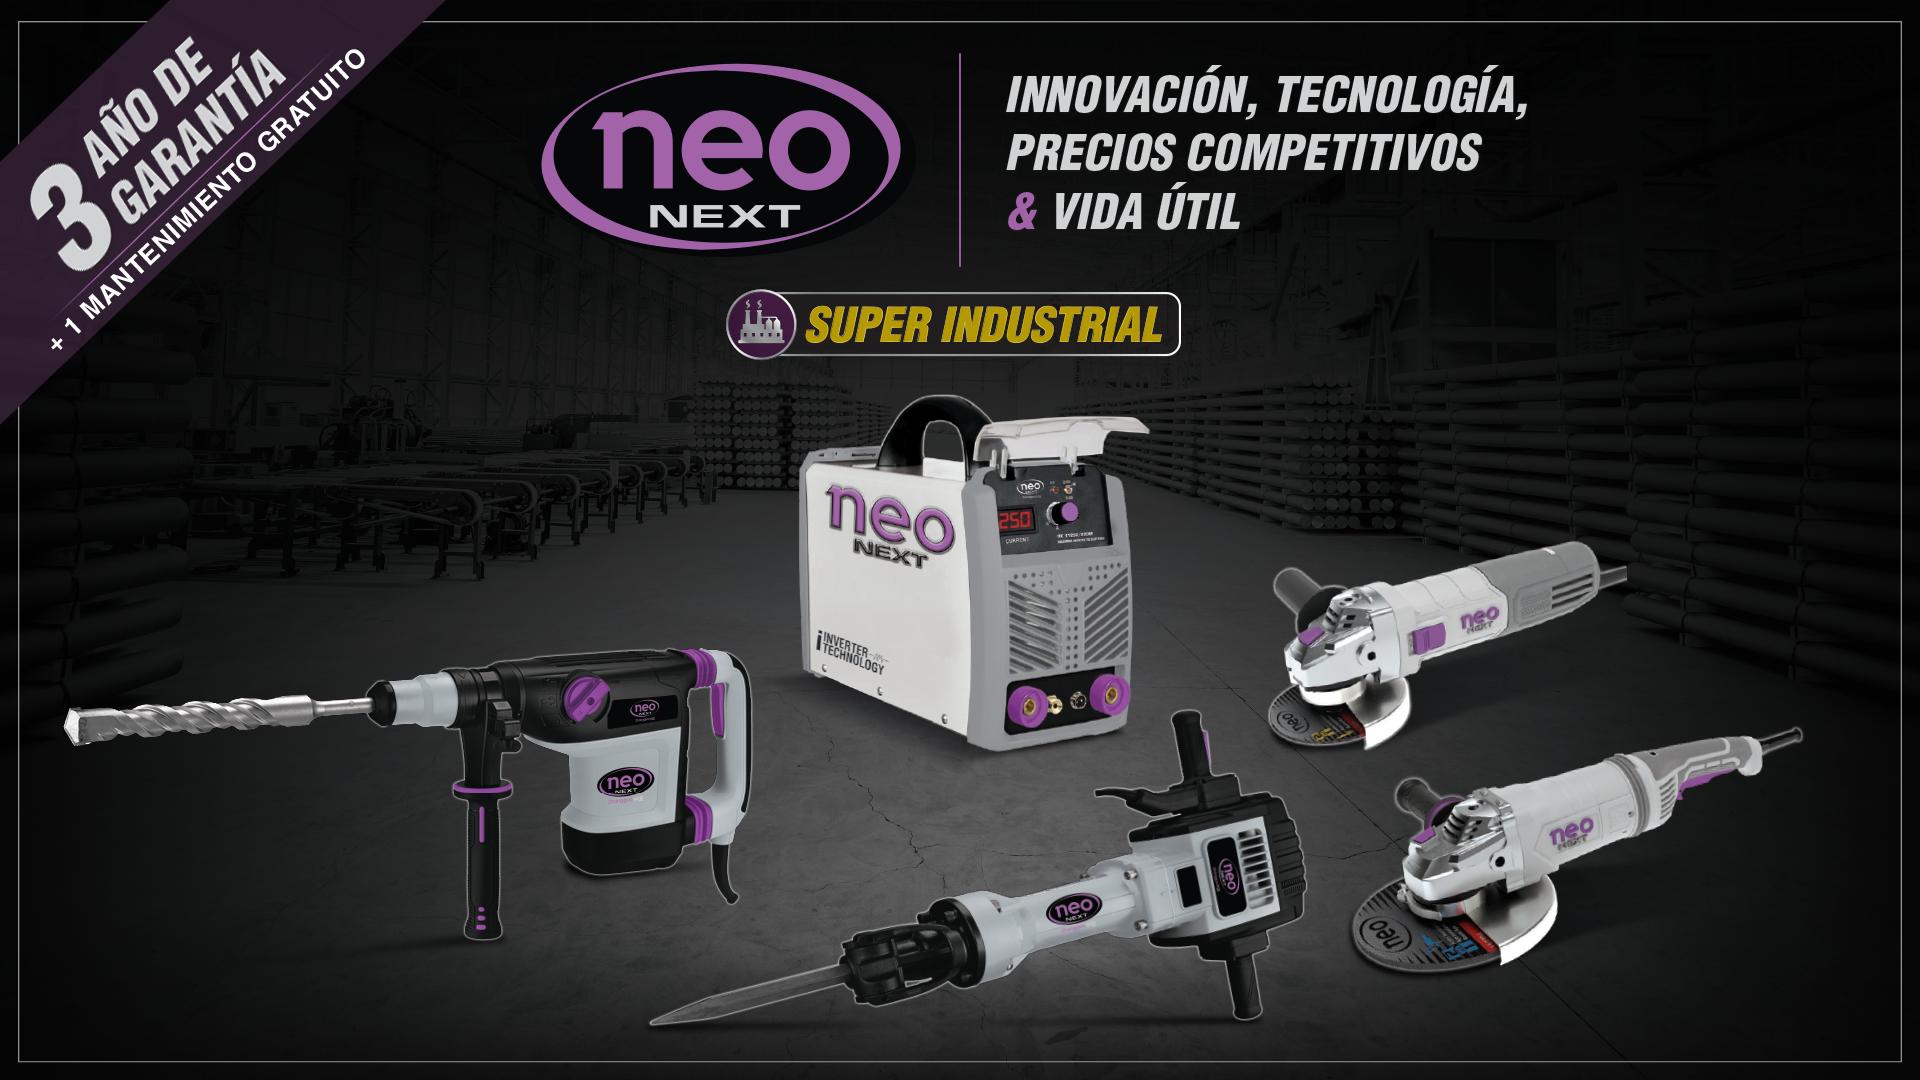 Banner-Neo-Next-1920px-x-1080px-DESKTOP